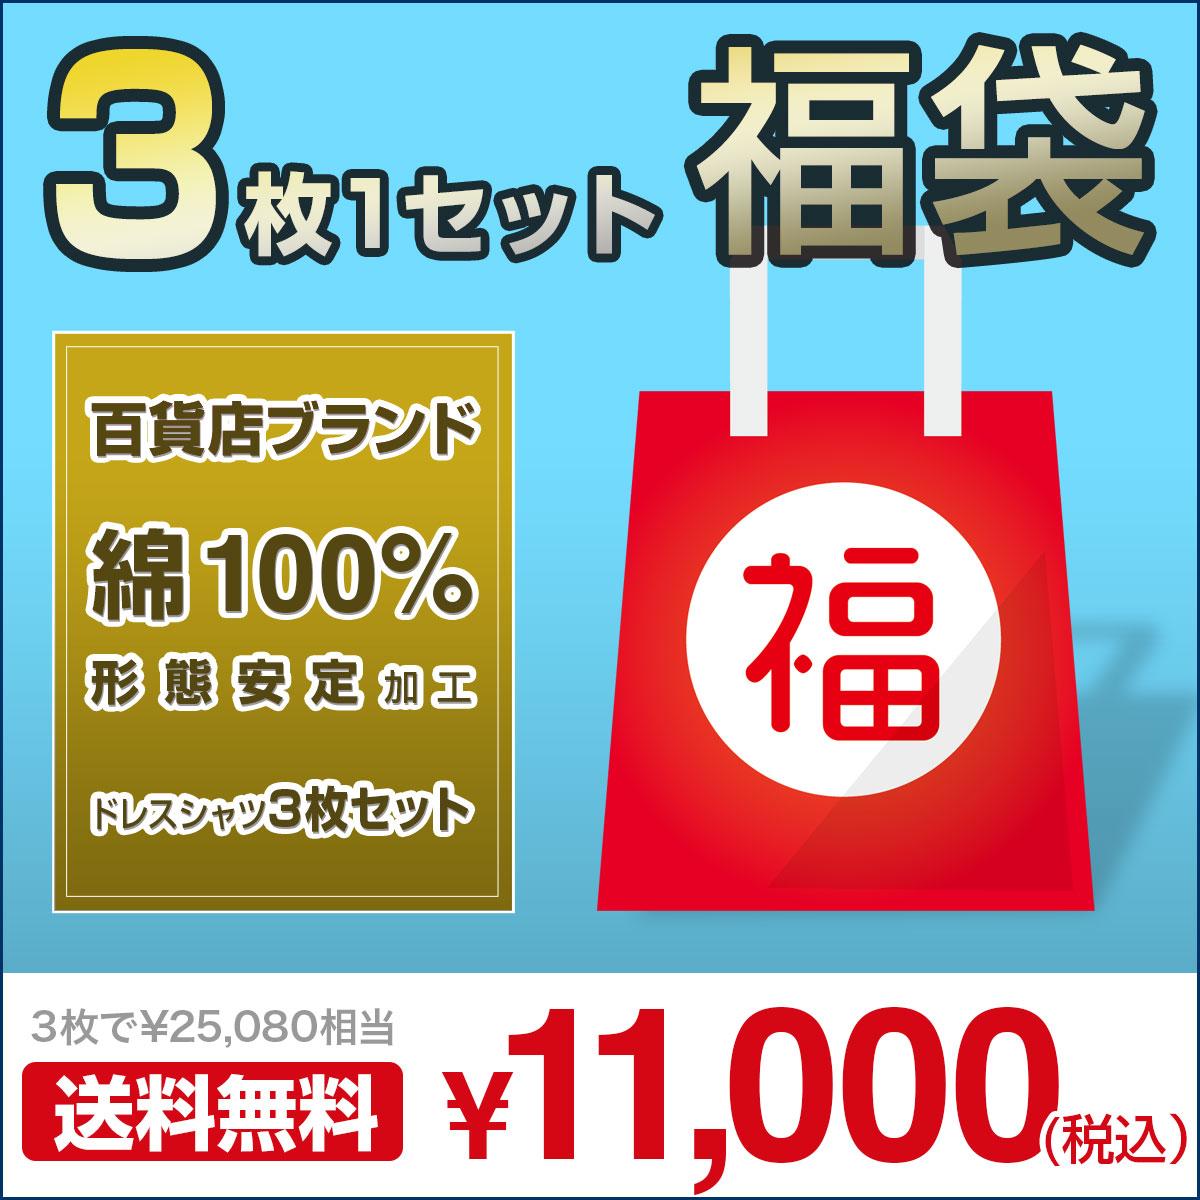 ブランドシャツ3枚入り福袋 長袖 形態安定加工 綿100% 百貨店ブランド ドレスシャツ 3枚セット (zod992-100)